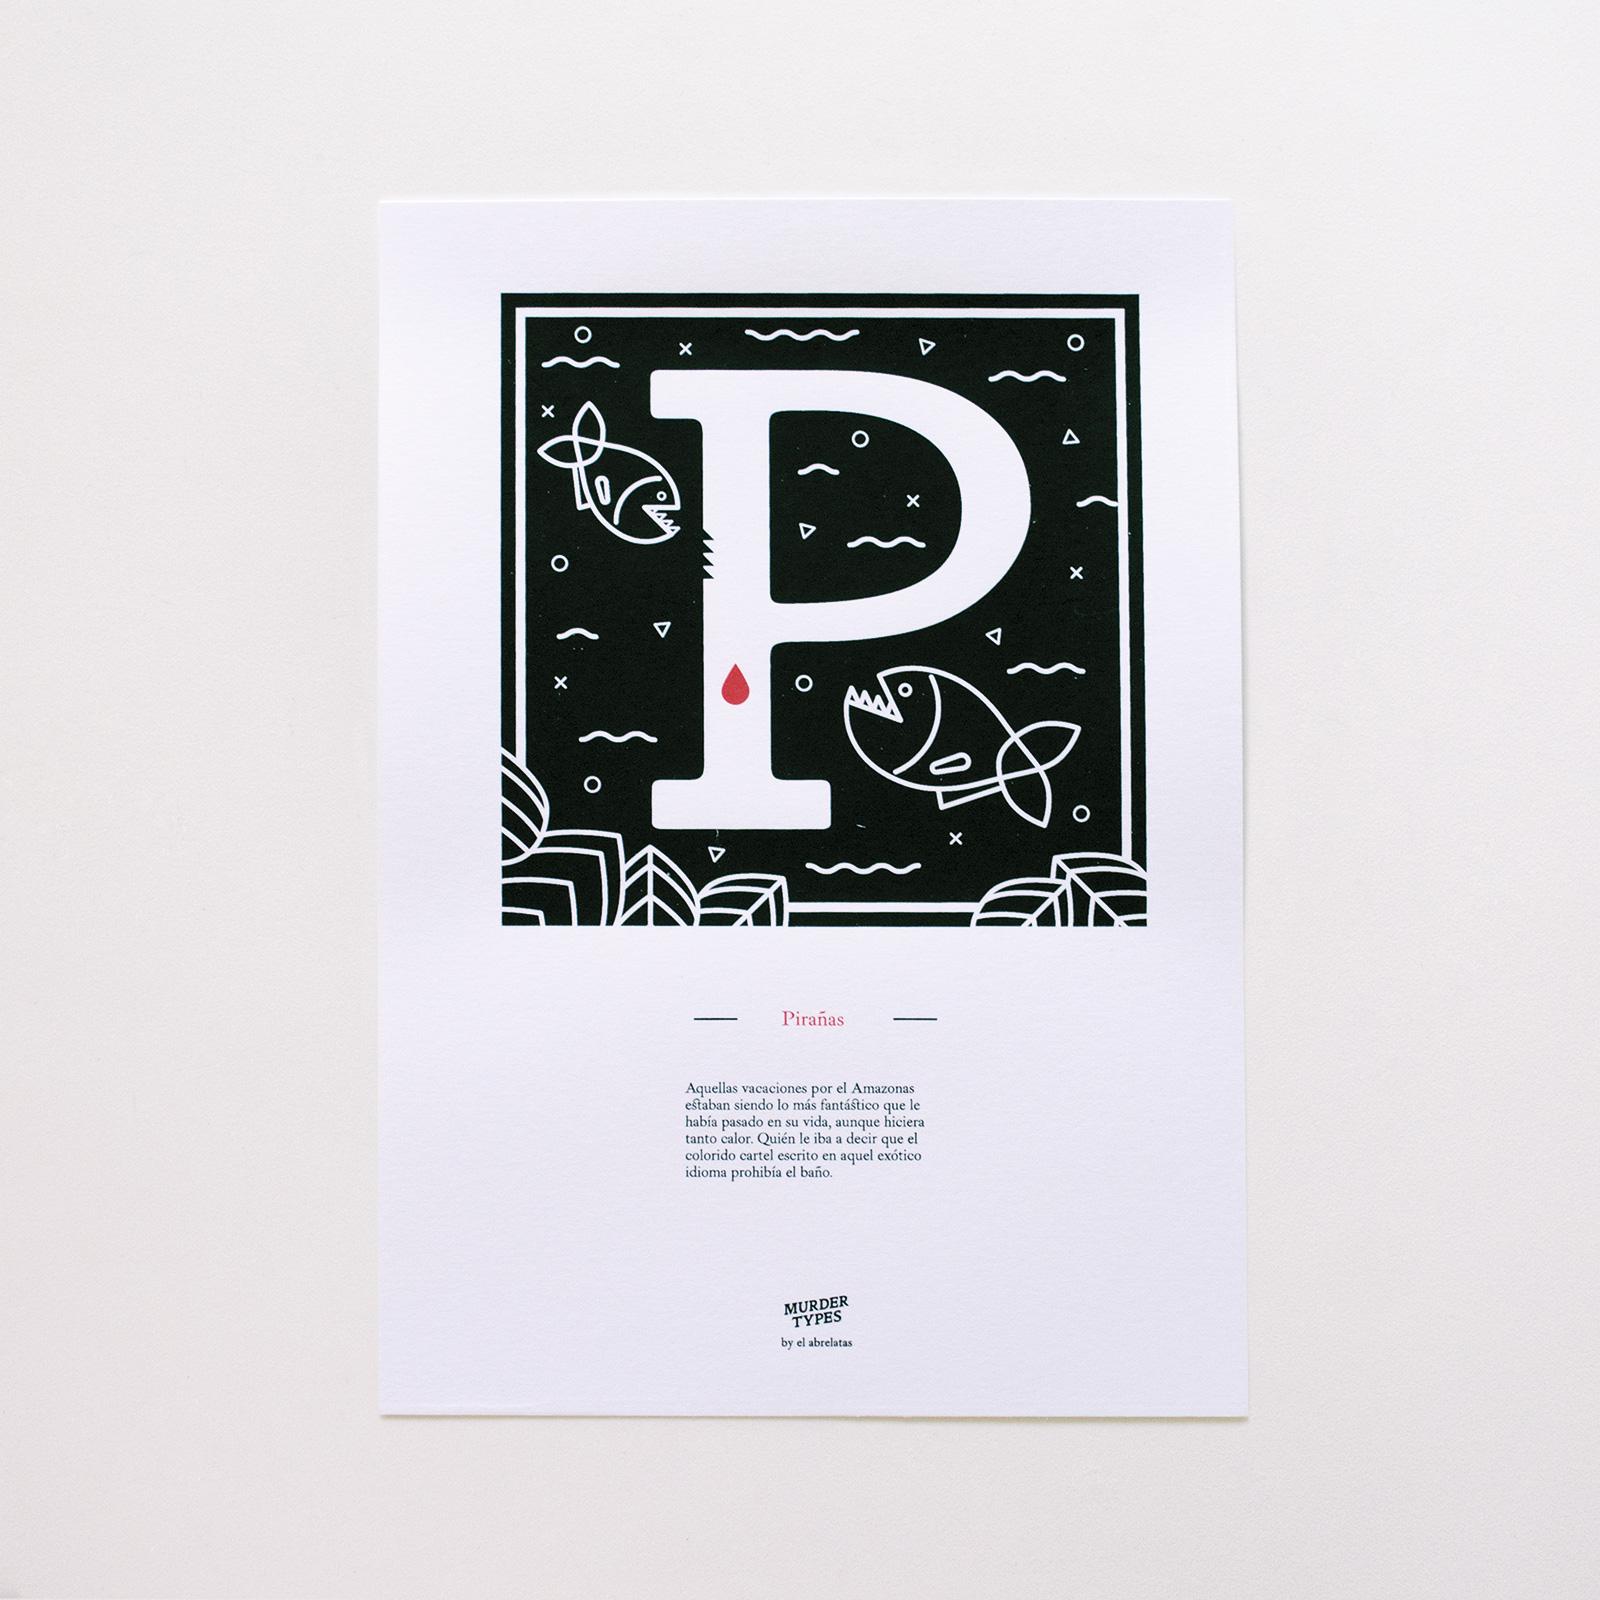 Lámina letra P - Proyecto de autoedición en serigrafía Murder Types